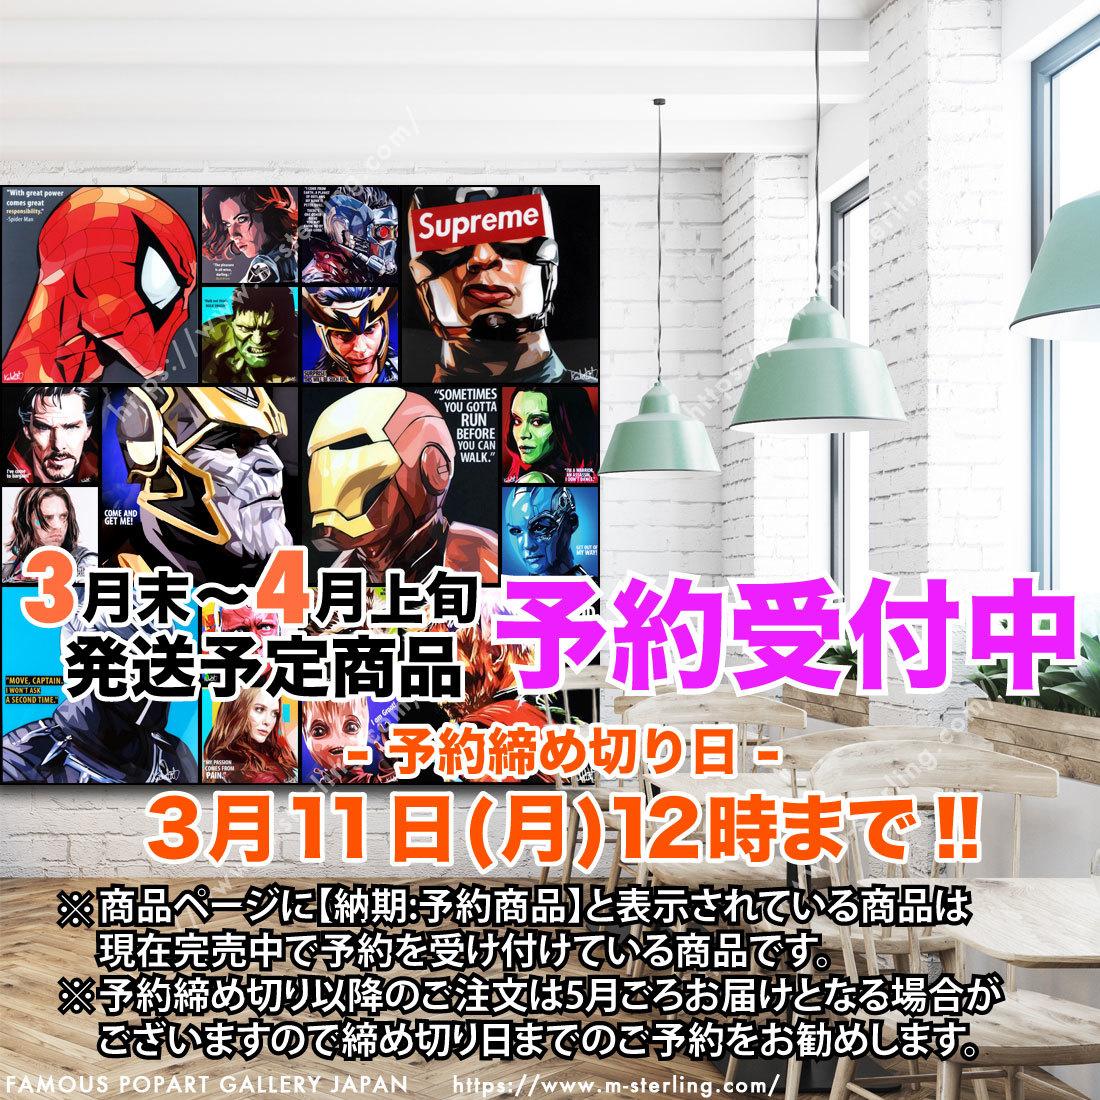 予約〆切間近!!,ポップアートパネル,Keetatat Sitthiket,キータタット シティケット